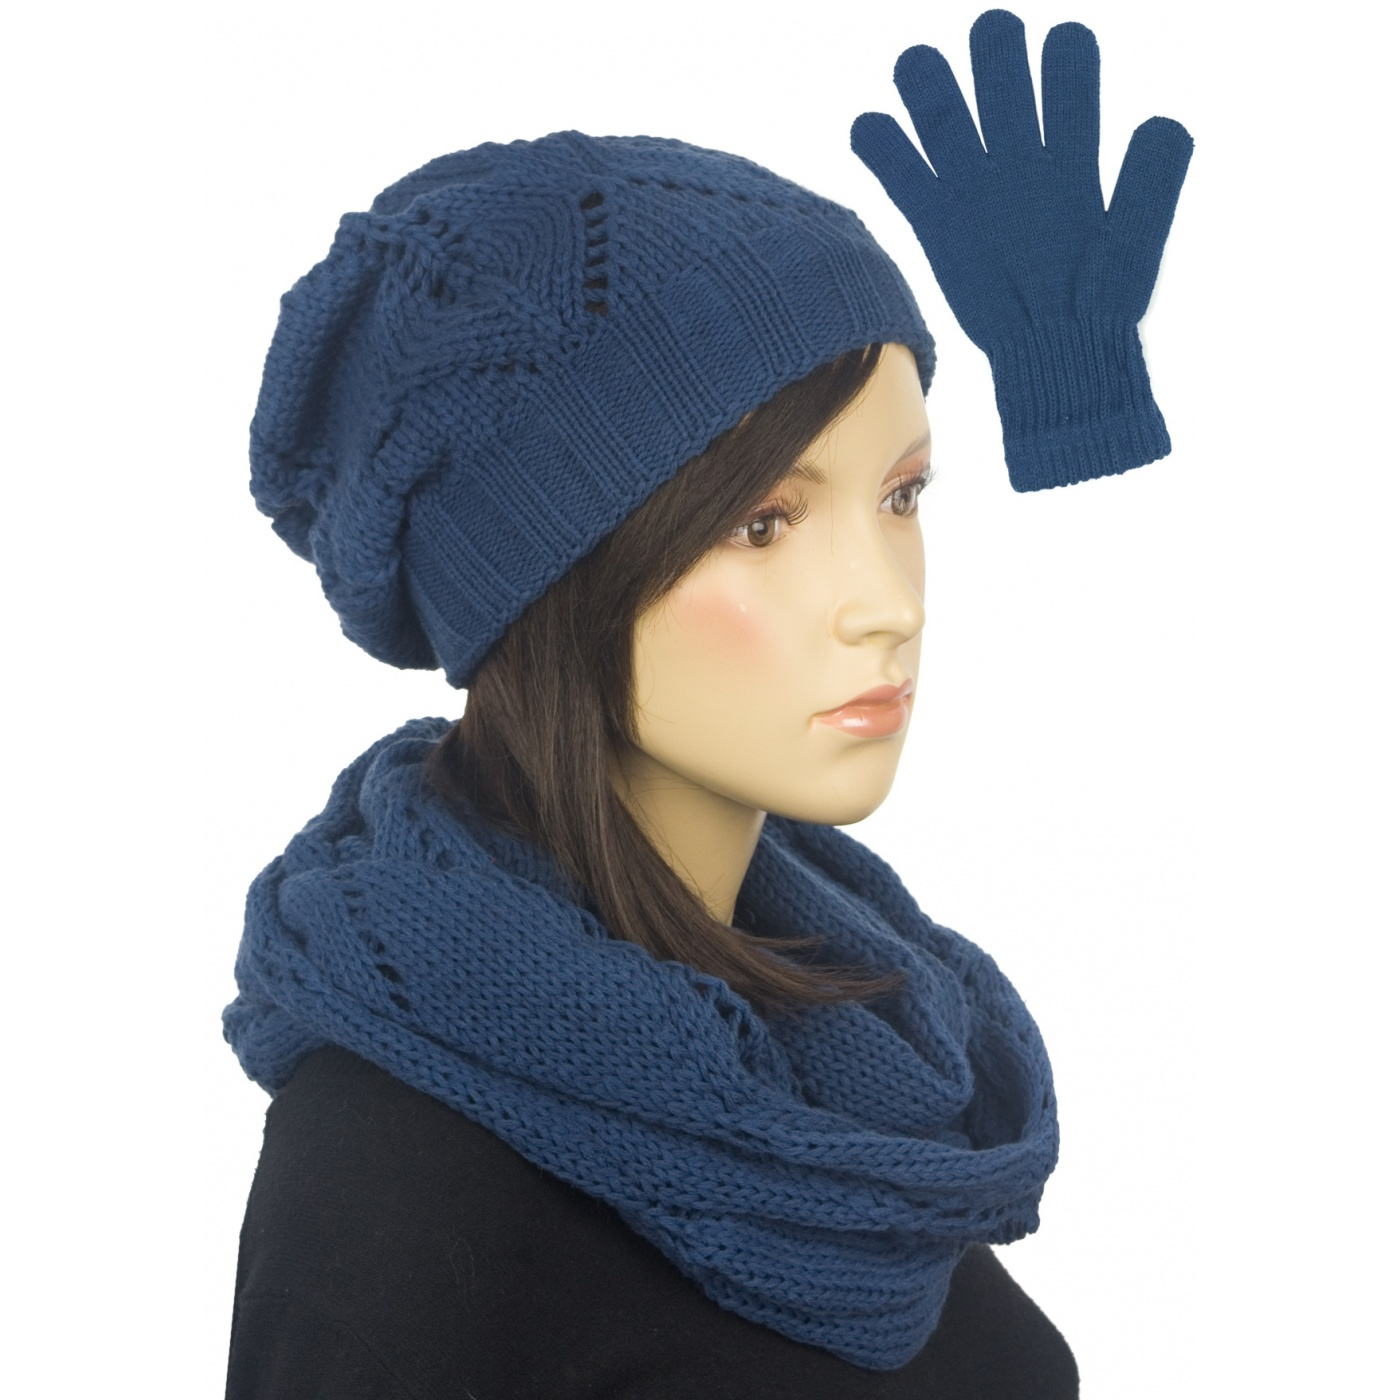 Ażurowy komplet damski czapka, komin, rękawiczki - niebieski